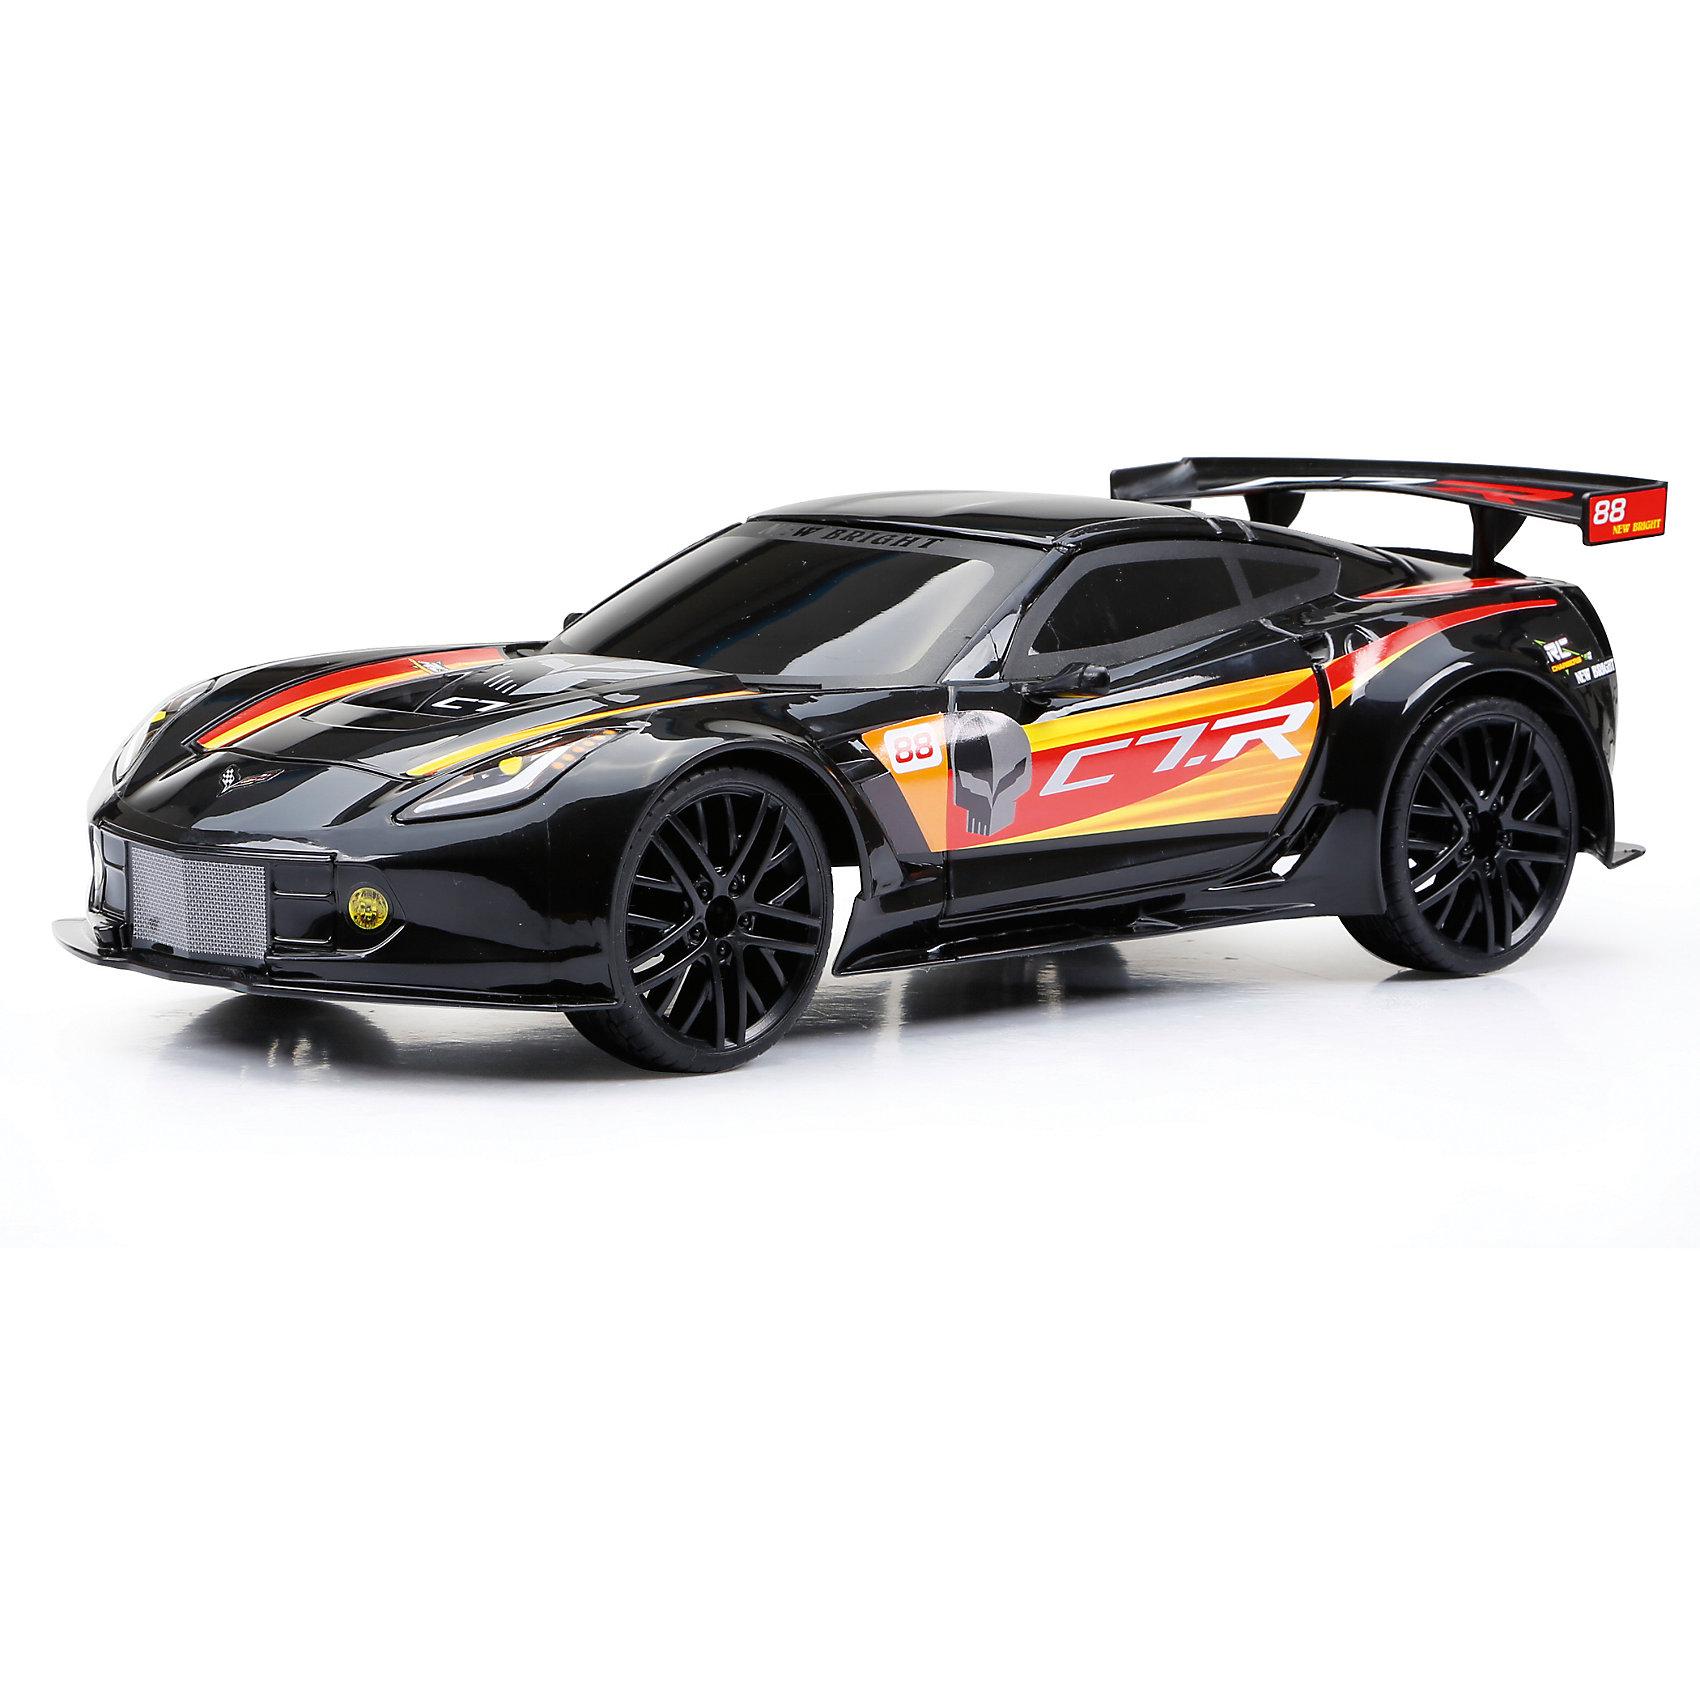 Машина на р/у Corvette C7R, чёрнаяХарактеристики товара:<br><br>- цвет: черный;<br>- материал: пластик;<br>- габариты упаковки: 49х24х23 см;<br>- комплектация: машина, пульт радиуправления;<br>- масштаб: 1:12;<br>- cкорость: до 10 км/ч,;<br>- радиус дествия пульта: до 30 м;<br>- возраст: 3+.<br><br>Спортивные машинки – безусловные фавориты среди детских игрушек для мальчиков.Такая машинка марки Corvette на пульте – желанный подарок для всех ребят. Игрушка движется с помощью пульта радиоуправления. Работает от обычных пальчиковых батареек. Она очень похожа на настоящую машину и прекрасно детализирована! Материалы, использованные при создании изготовлении изделия, полностью безопасны и отвечают всем международным требованиям по качеству детских товаров.<br><br>Игрушку Машина на р/у Corvette C7R, чёрная можно купить в нашем интернет-магазине.<br><br>Ширина мм: 490<br>Глубина мм: 240<br>Высота мм: 230<br>Вес г: 2000<br>Возраст от месяцев: 72<br>Возраст до месяцев: 2147483647<br>Пол: Мужской<br>Возраст: Детский<br>SKU: 5141880